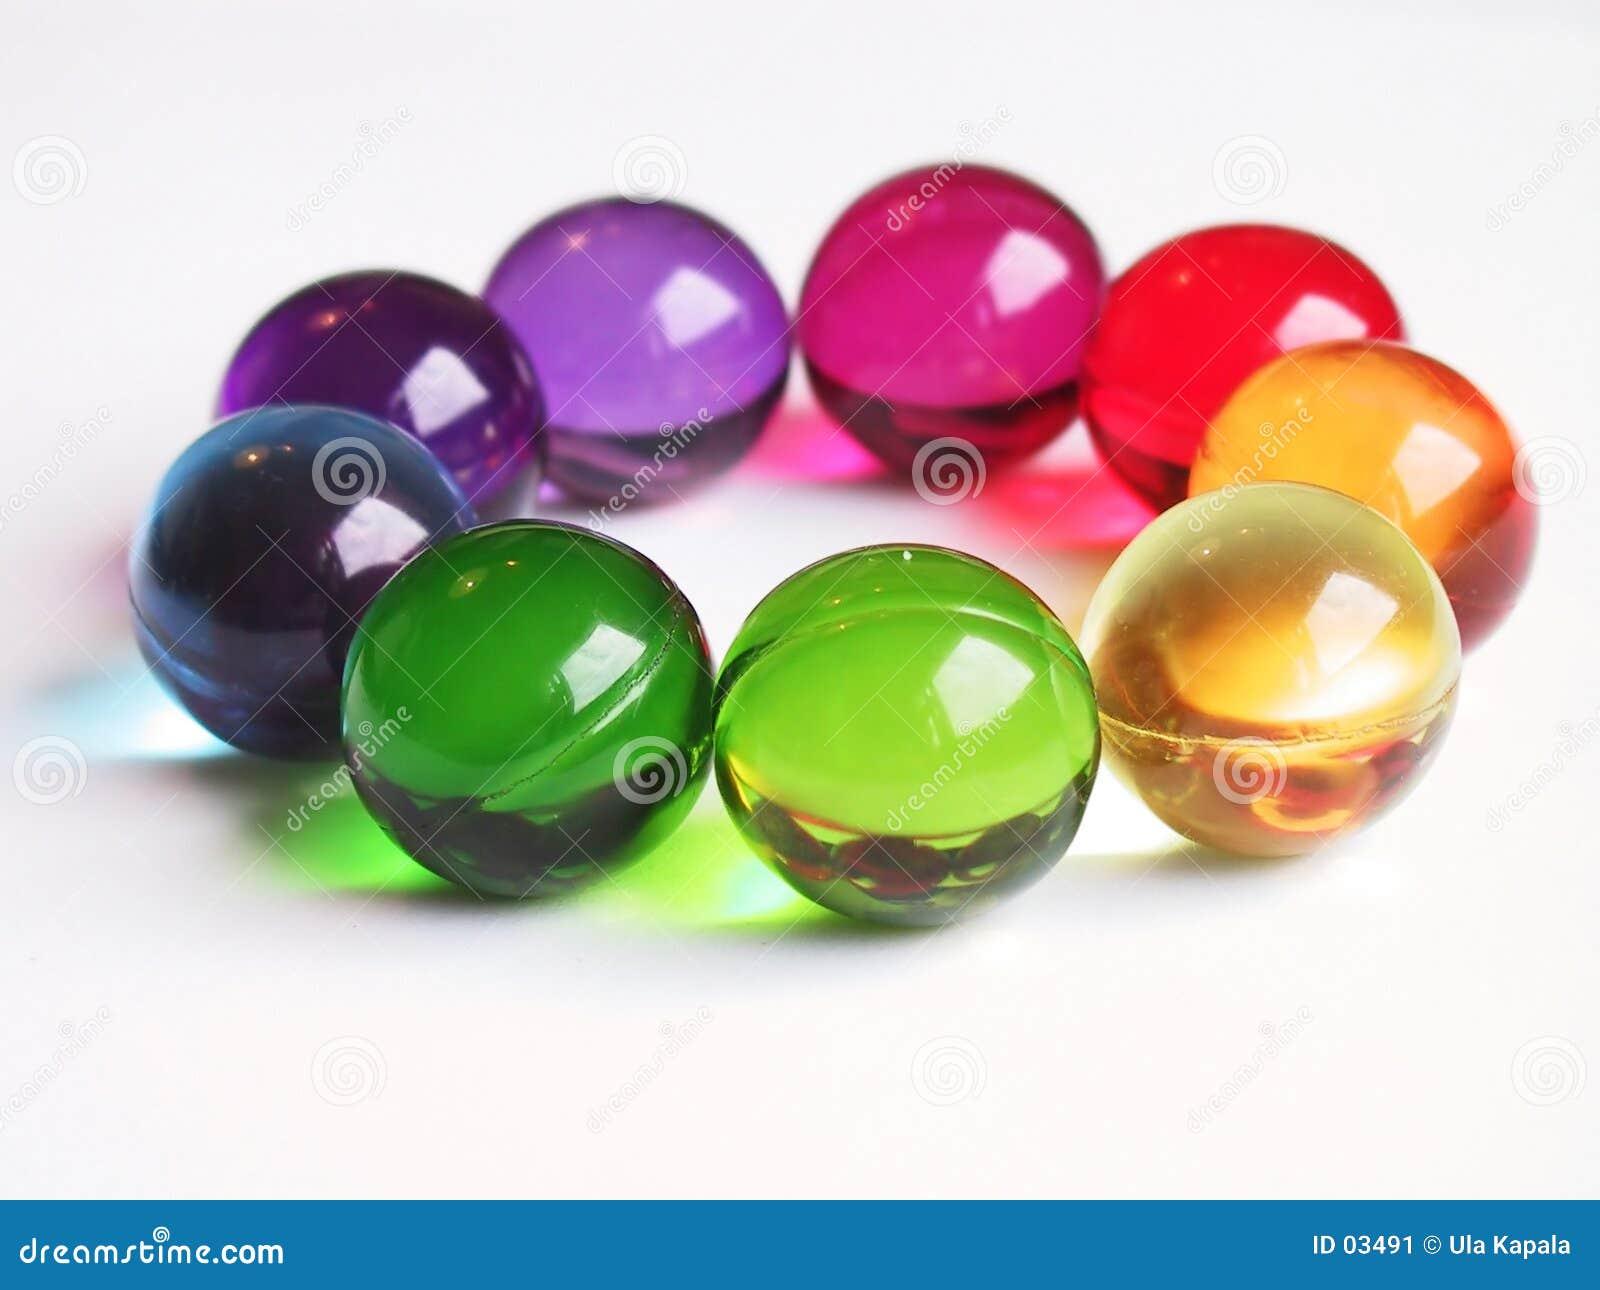 球浴圈子彩虹